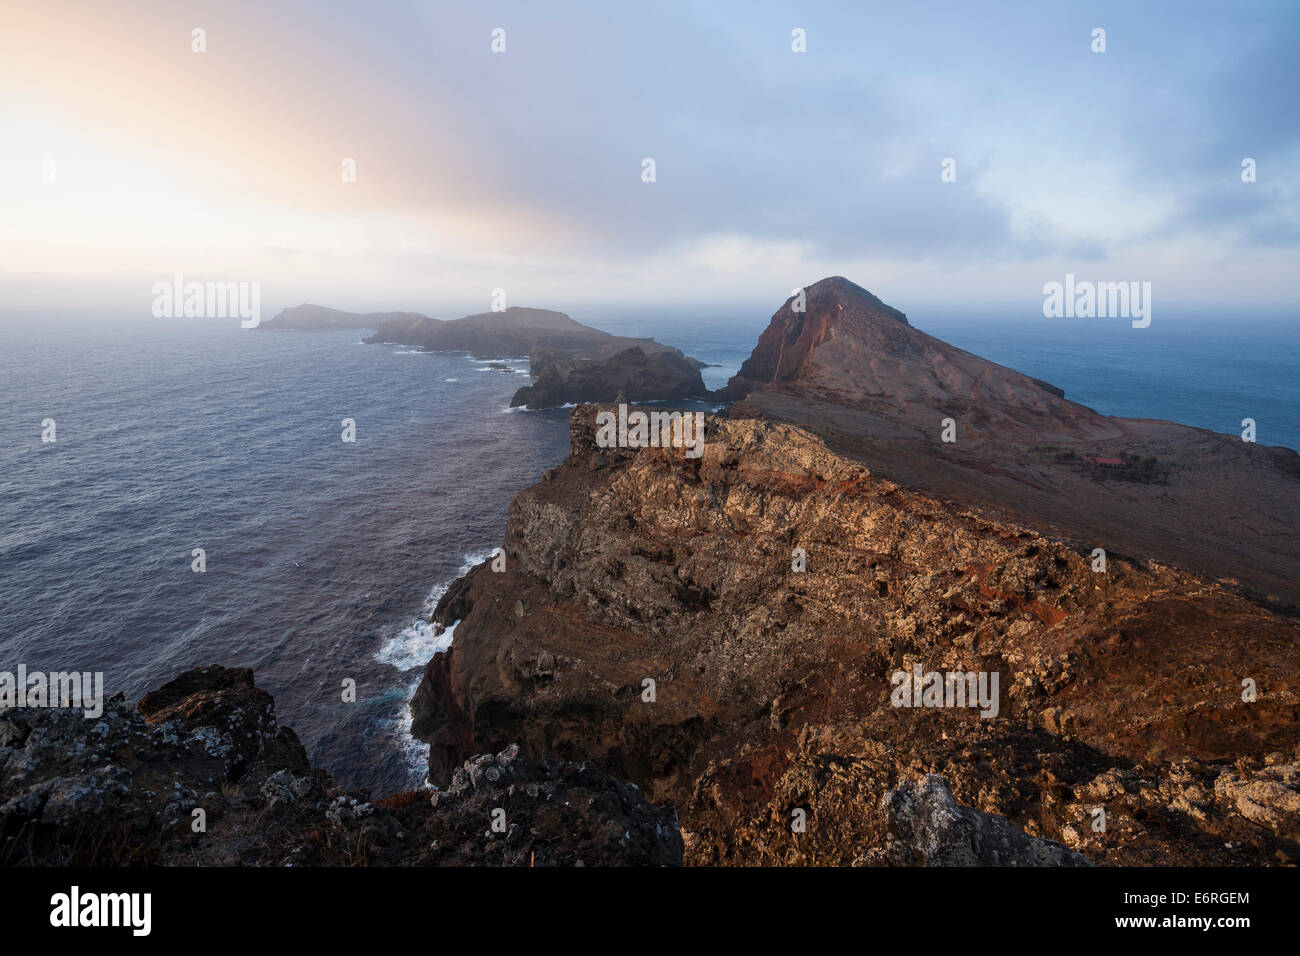 Ponta de São Lourenço, the eastern horn of Madeira Island. - Stock Image